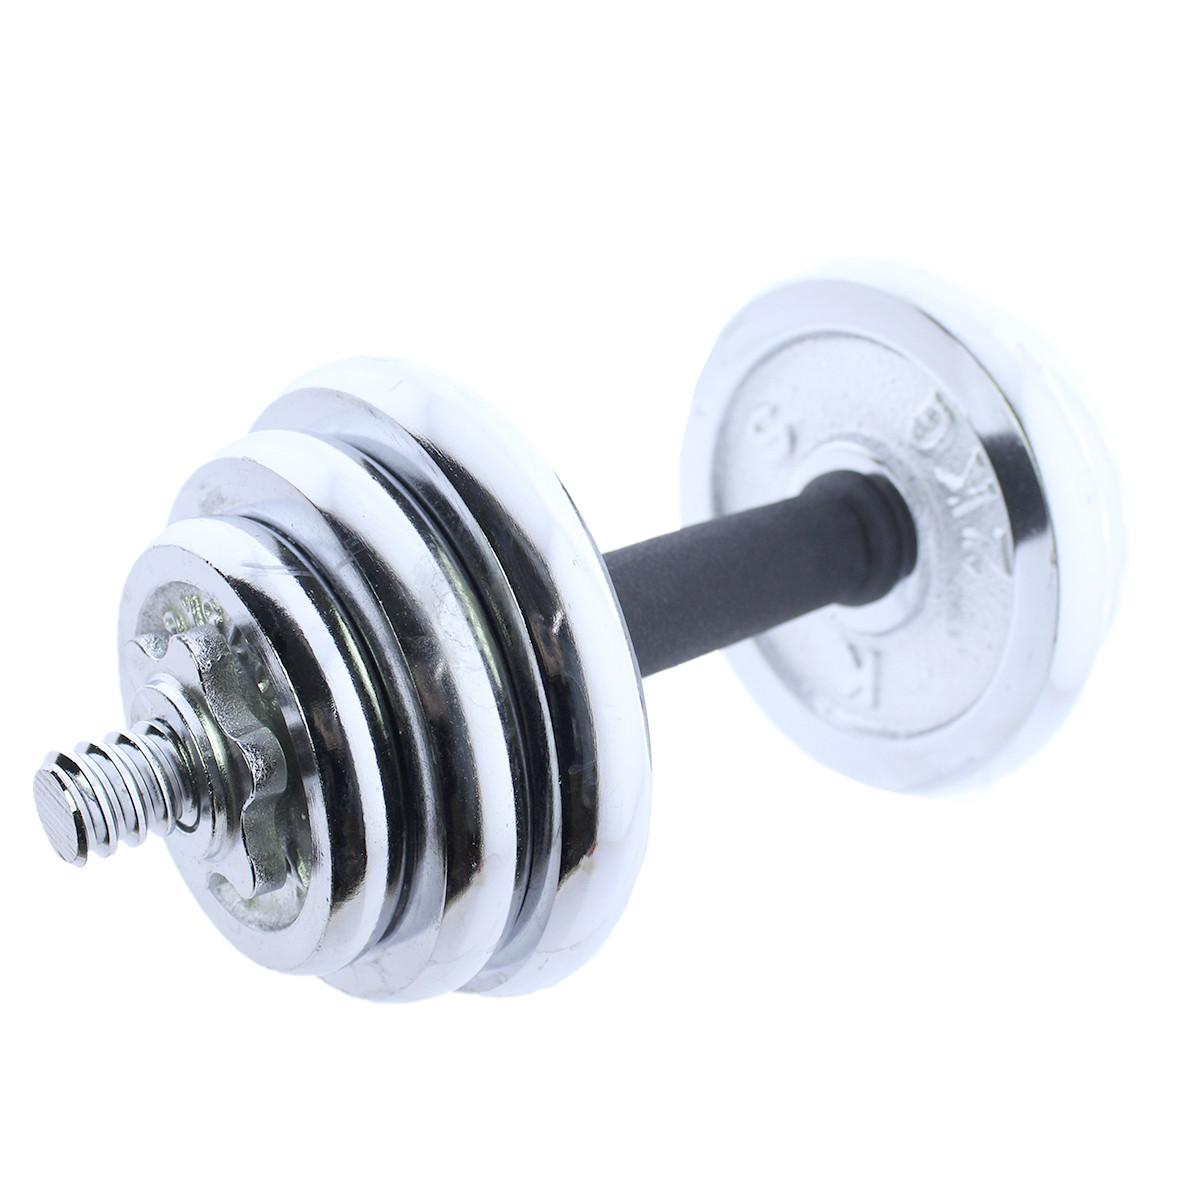 Set-de-mancuernas-ajustables-cromadas-10kg-15kg-20kg-Riscko miniatura 15